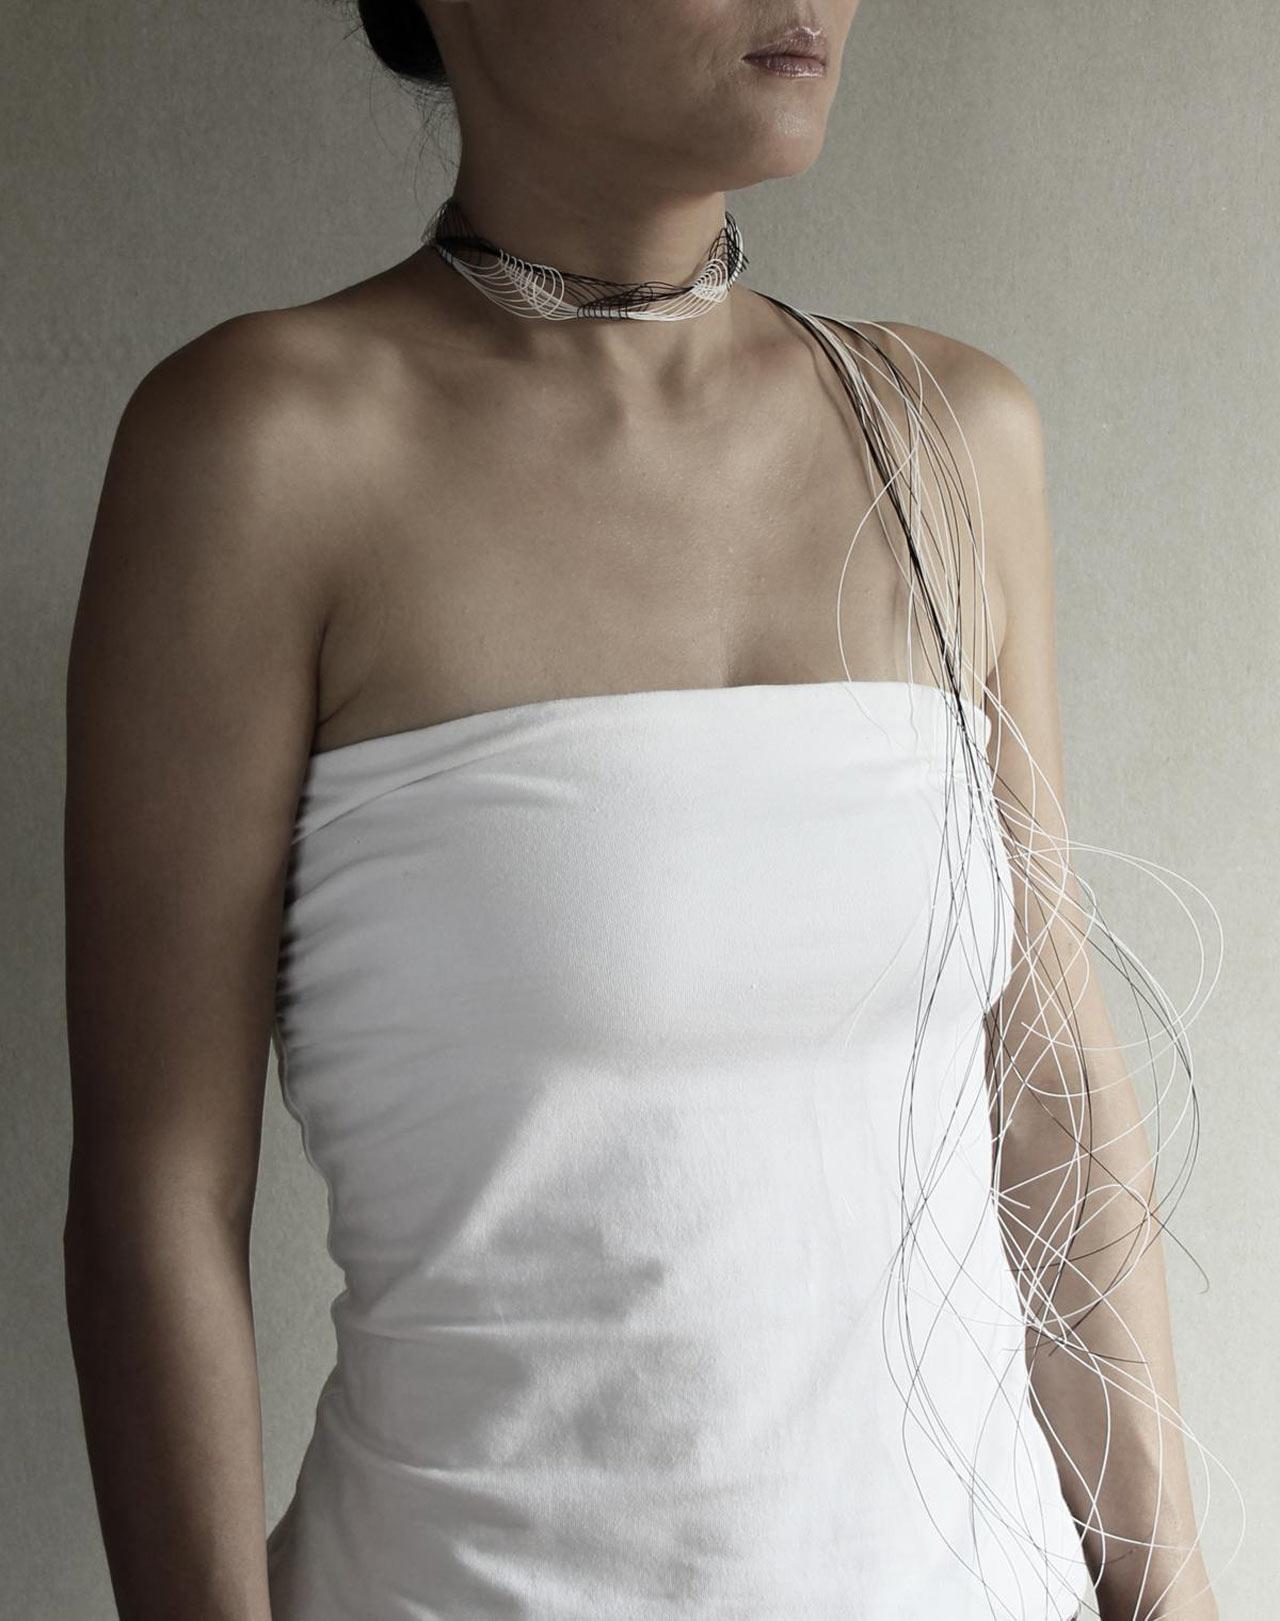 FLIN_modern-jewelry-VULANTRI-bali-9